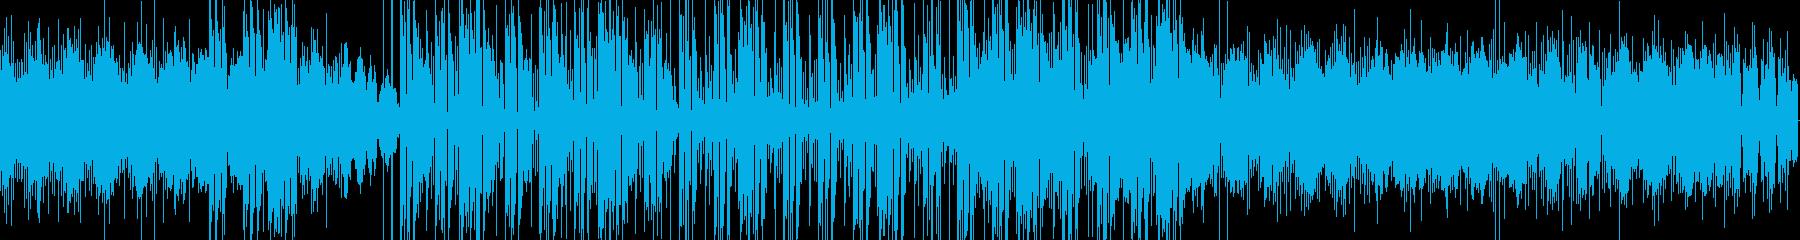 電気楽器。アンビエント、神秘的。夢...の再生済みの波形